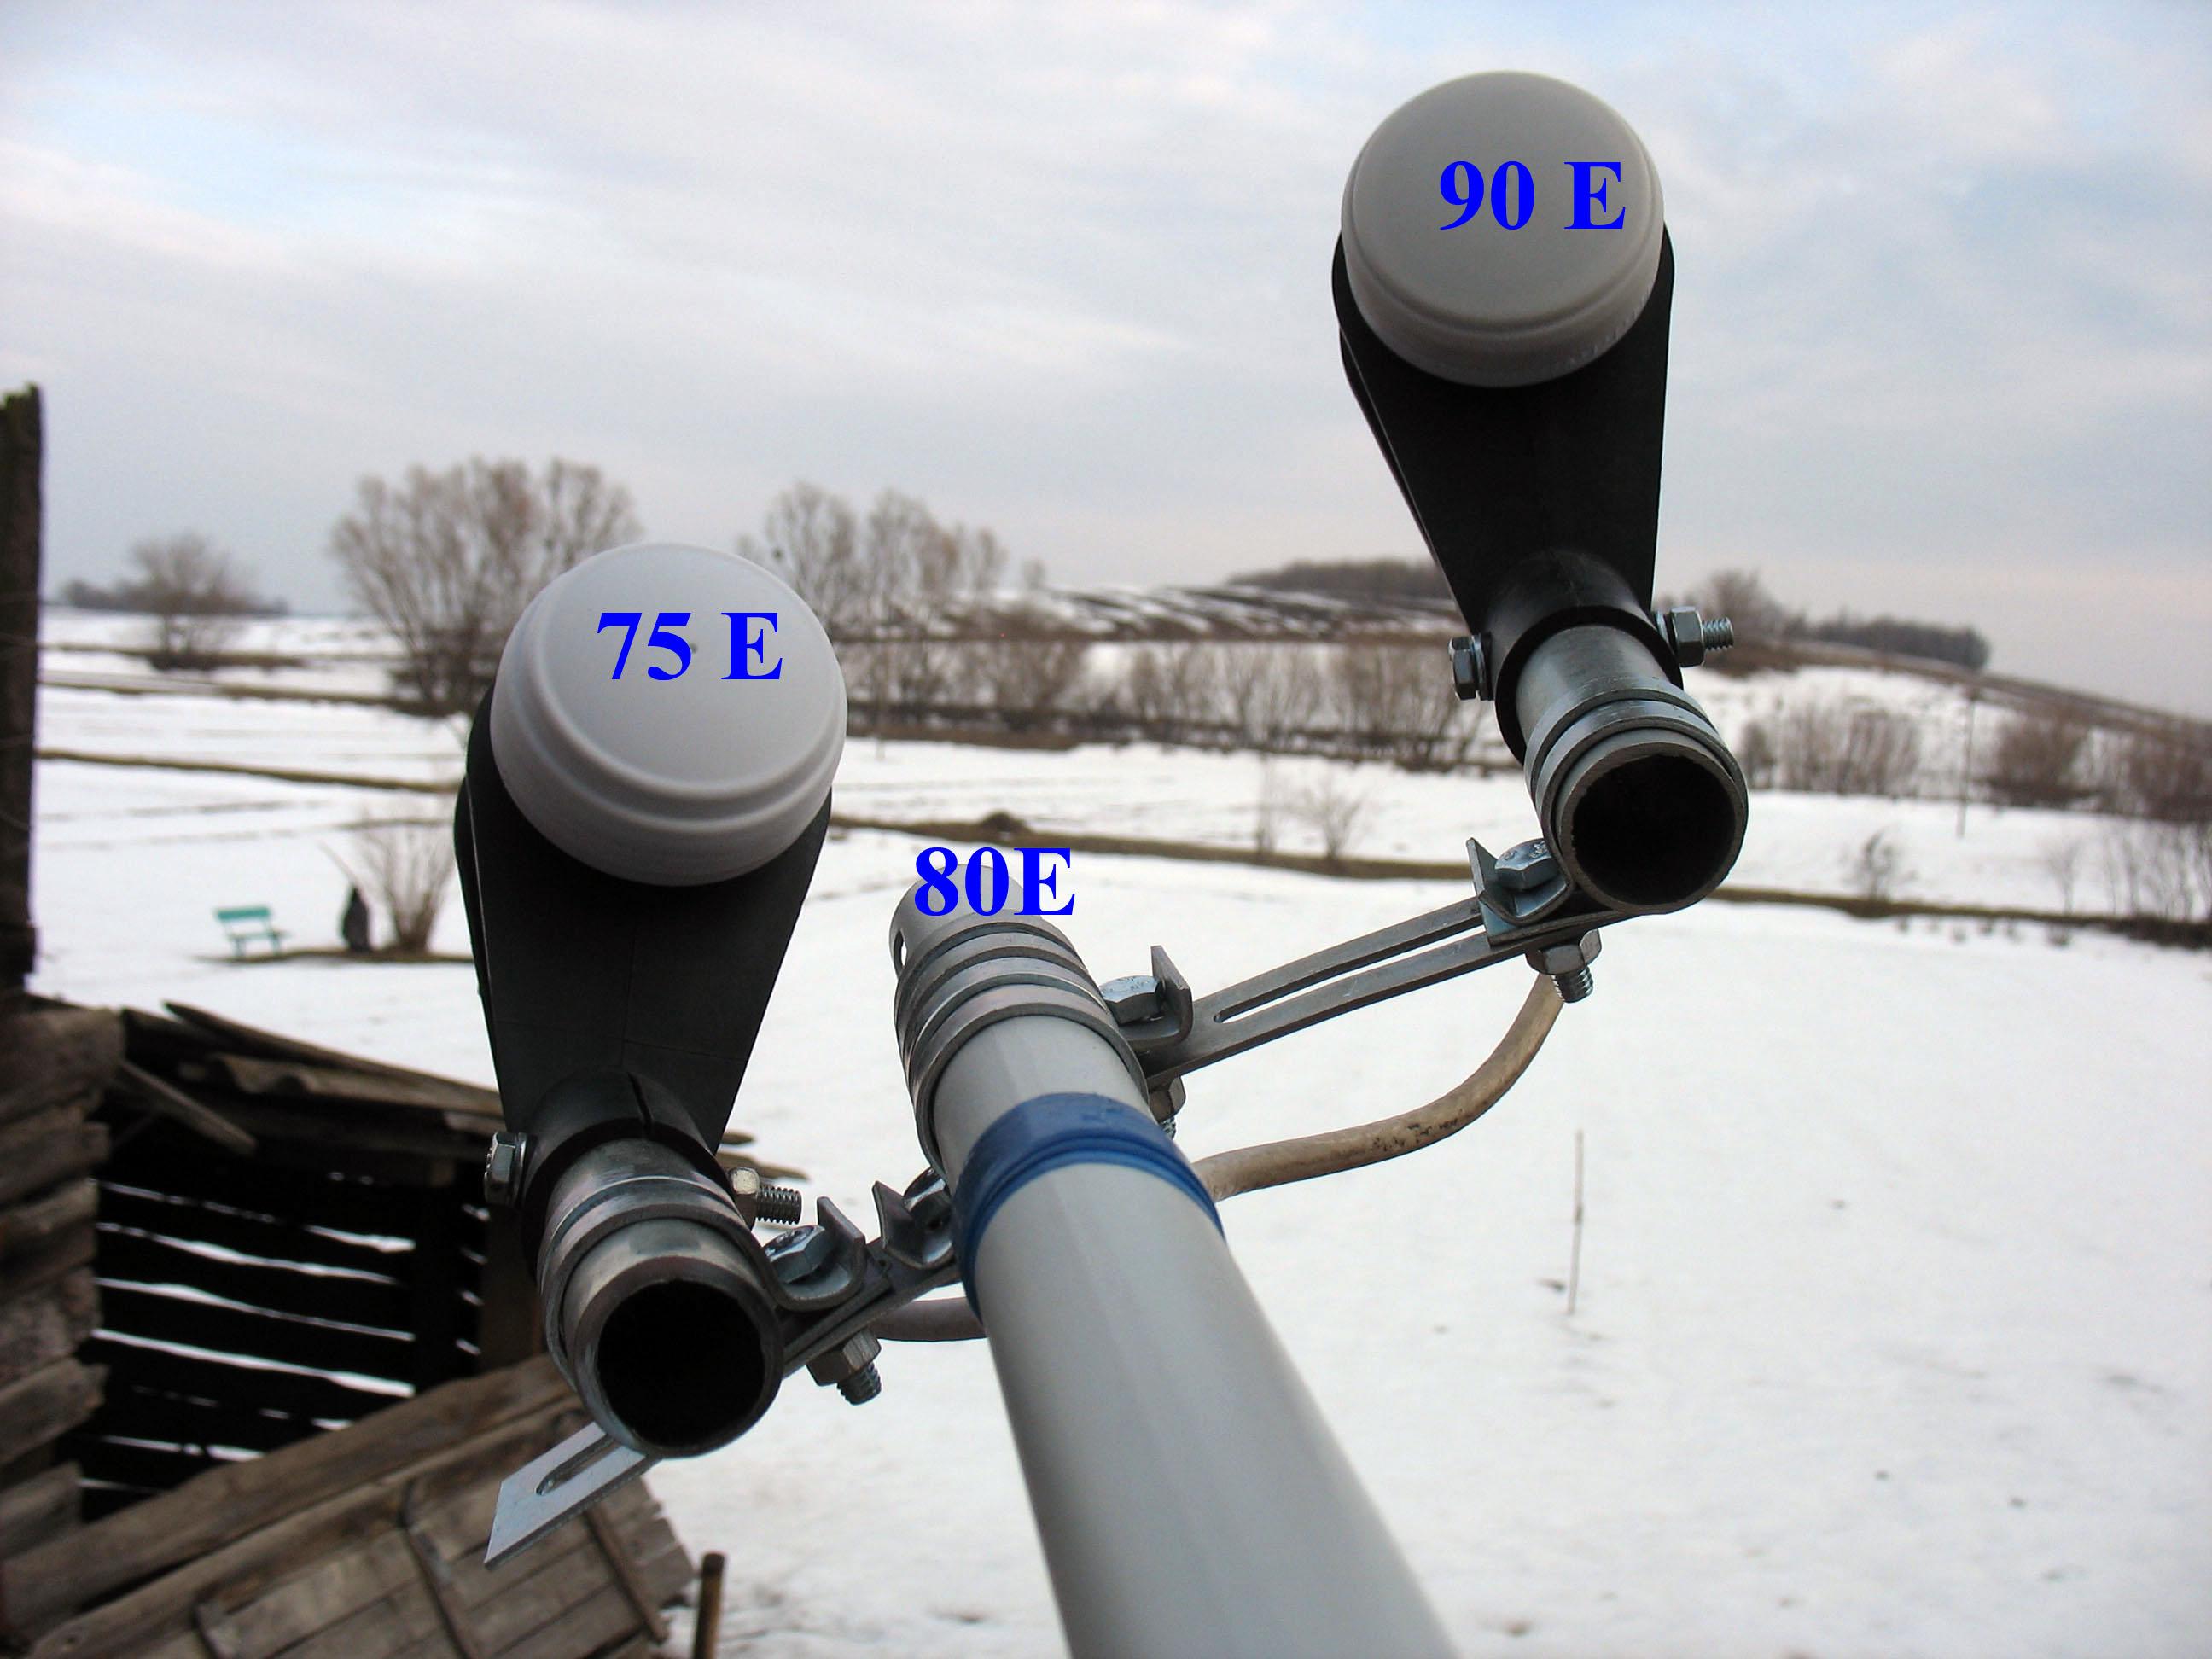 схема подключения спутниковой антенны skymax hd